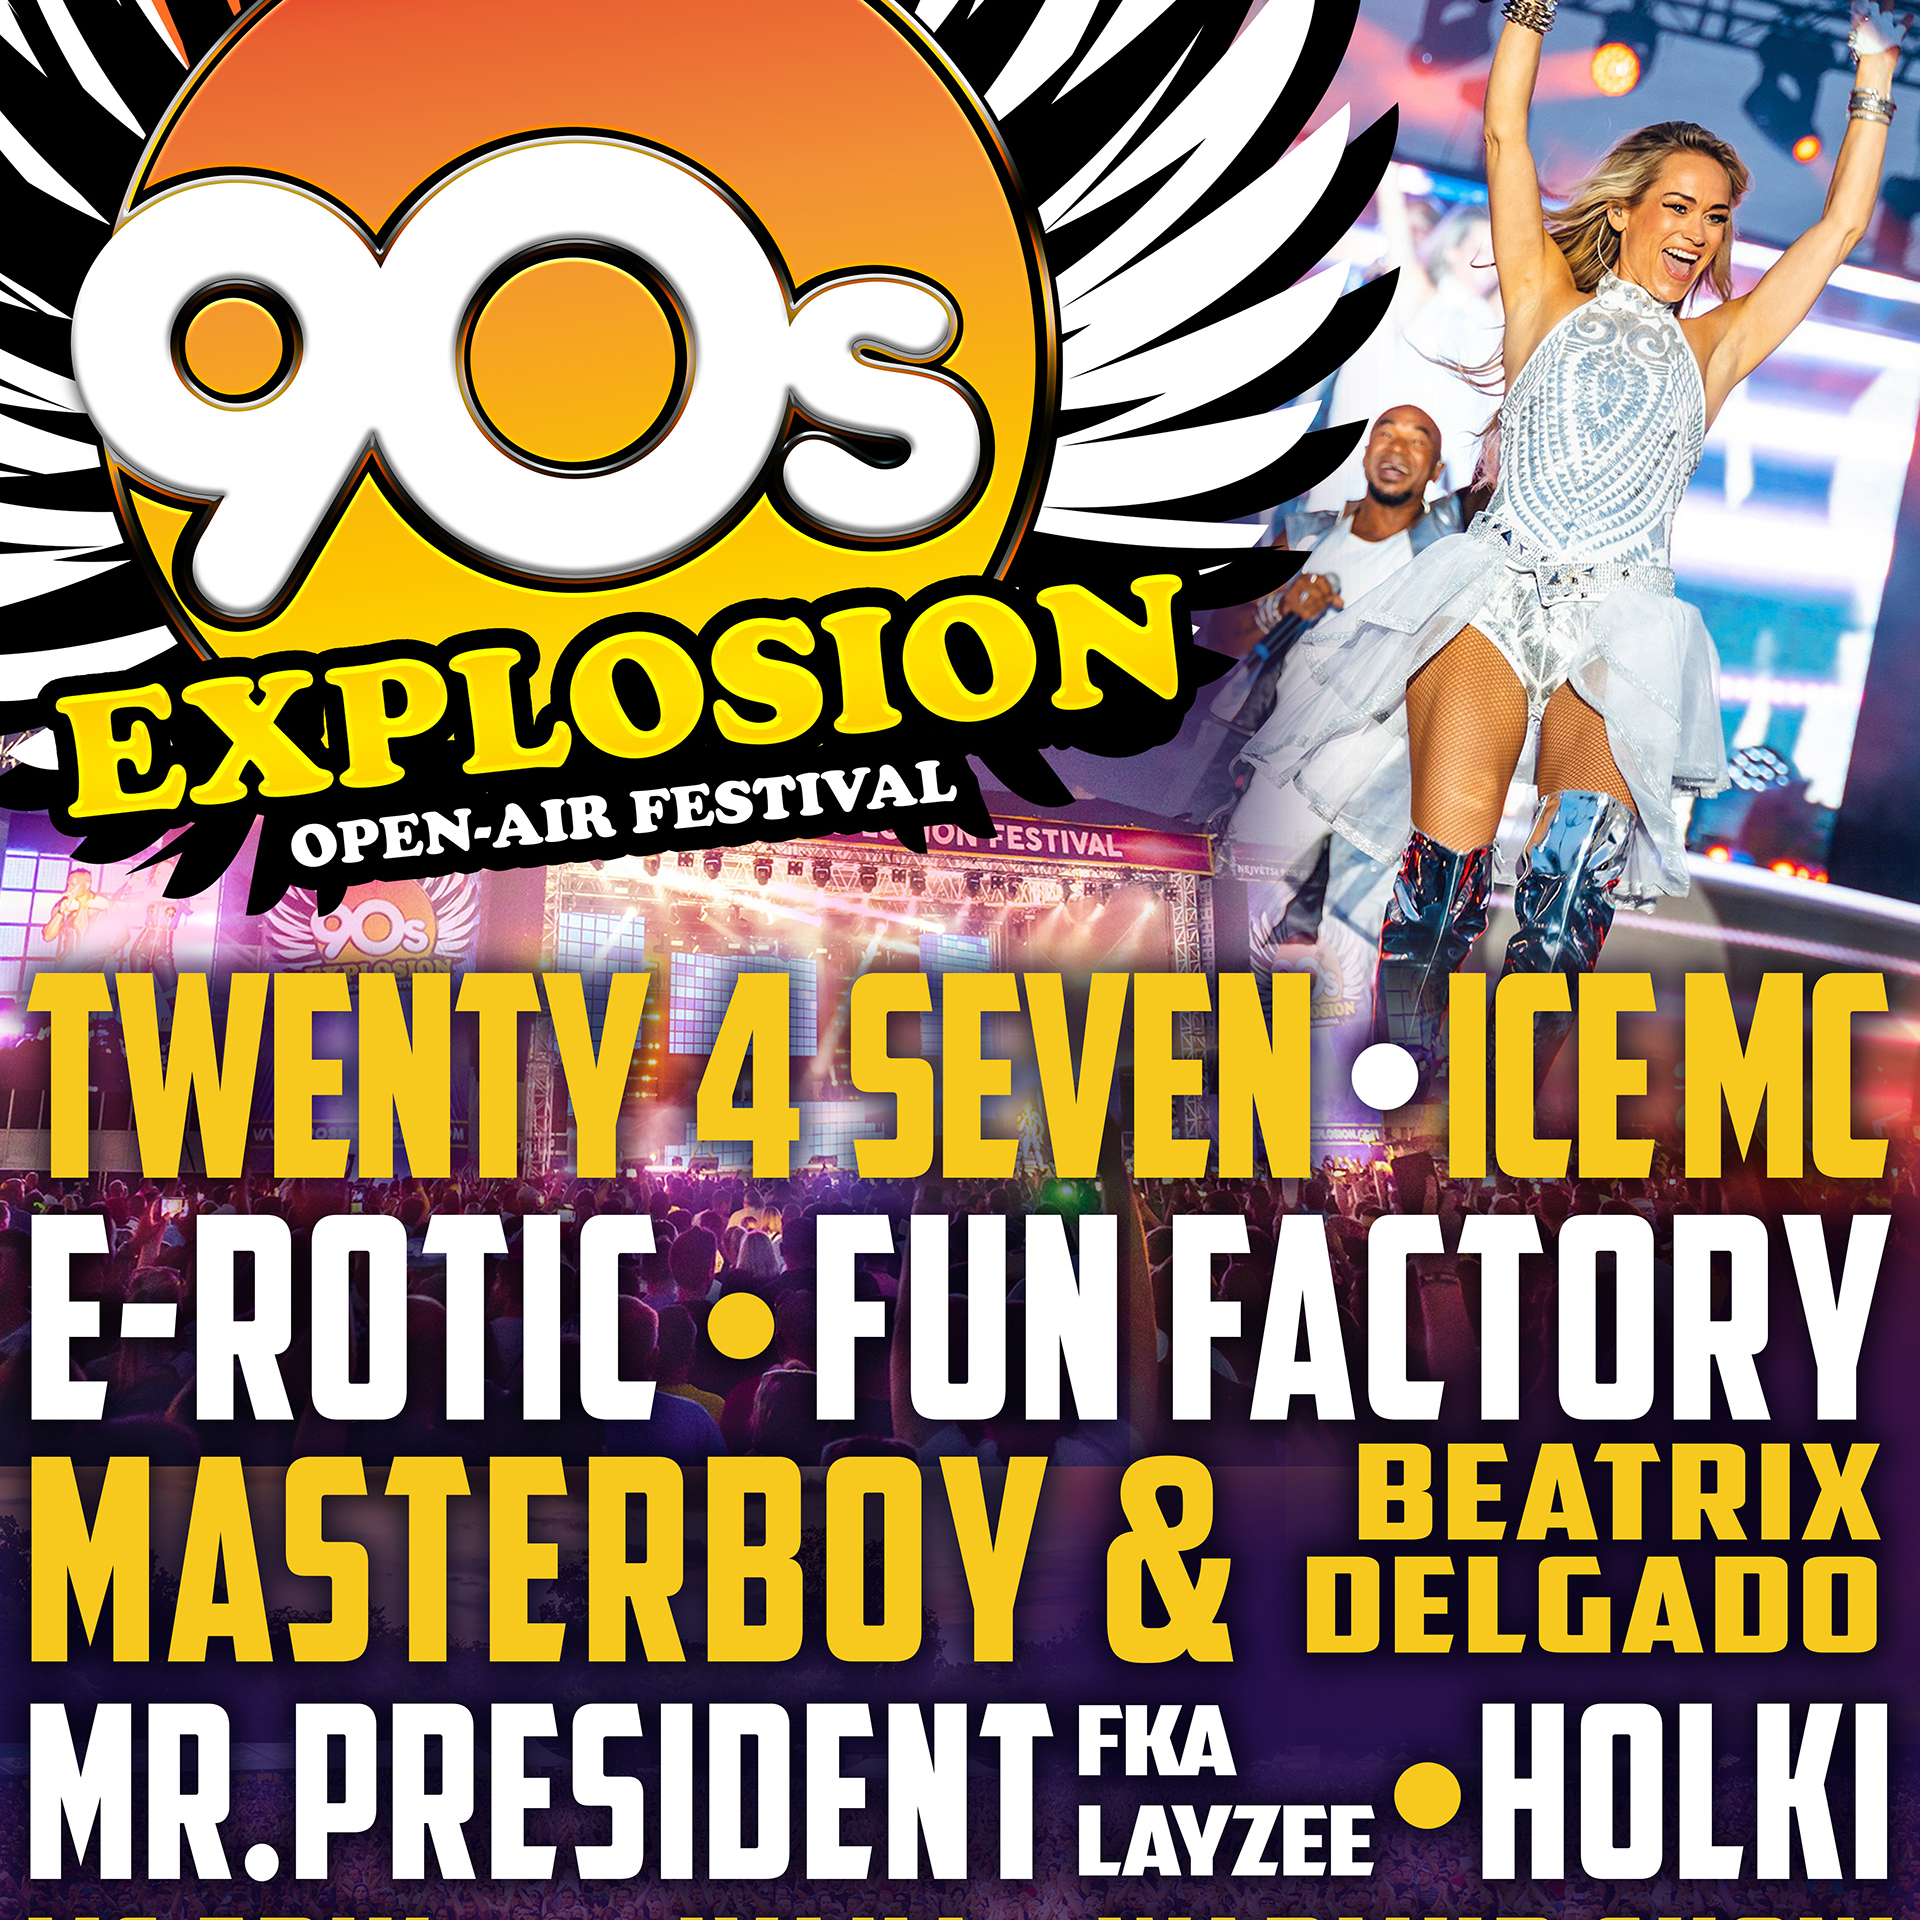 90s Explosion open-air festival Brno 2020<BR>Největší 90's festival na Moravě!<BR>Twenty 4 Seven, Mr. President, E-Rotic, Fun Factory, Masterboy a další..